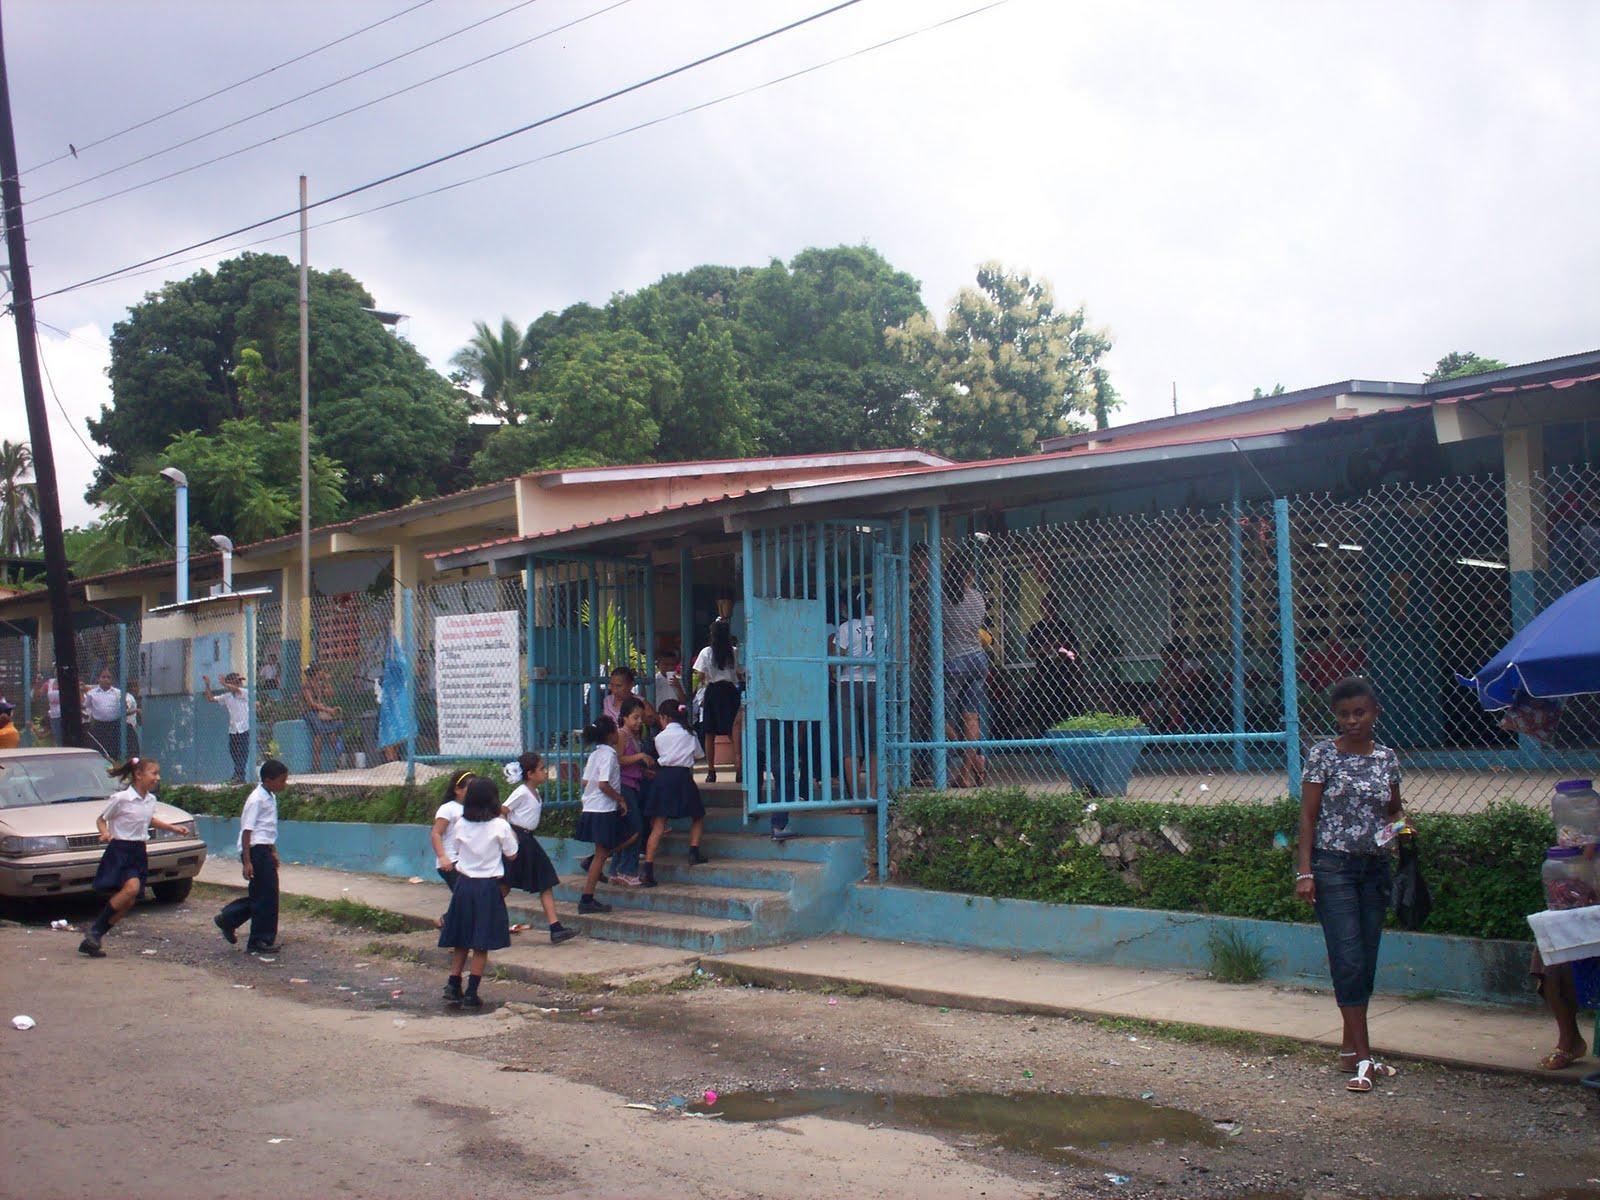 Escuela Primaria Veracruz Escuela Veracruz Panam